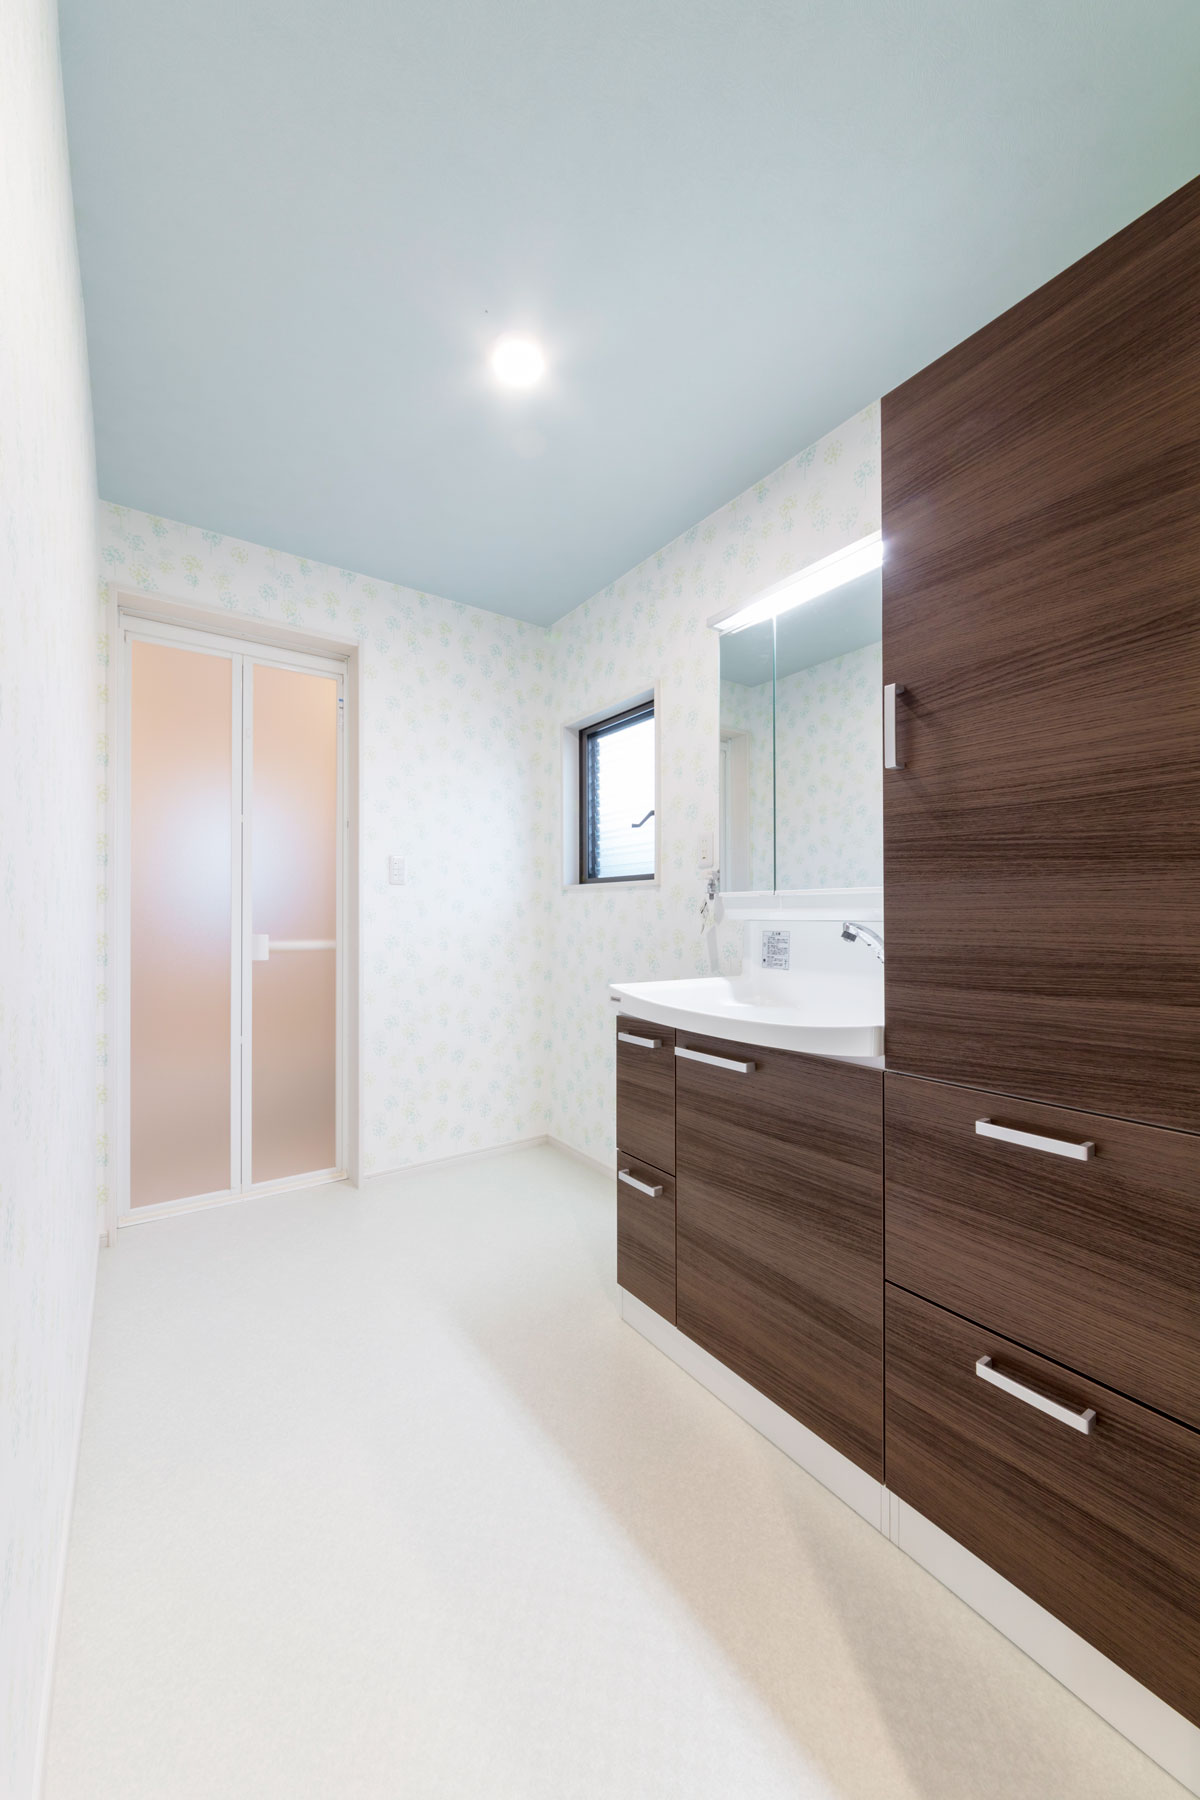 【廿日市市】朝の支度がしやすく収納量も豊富な洗面室